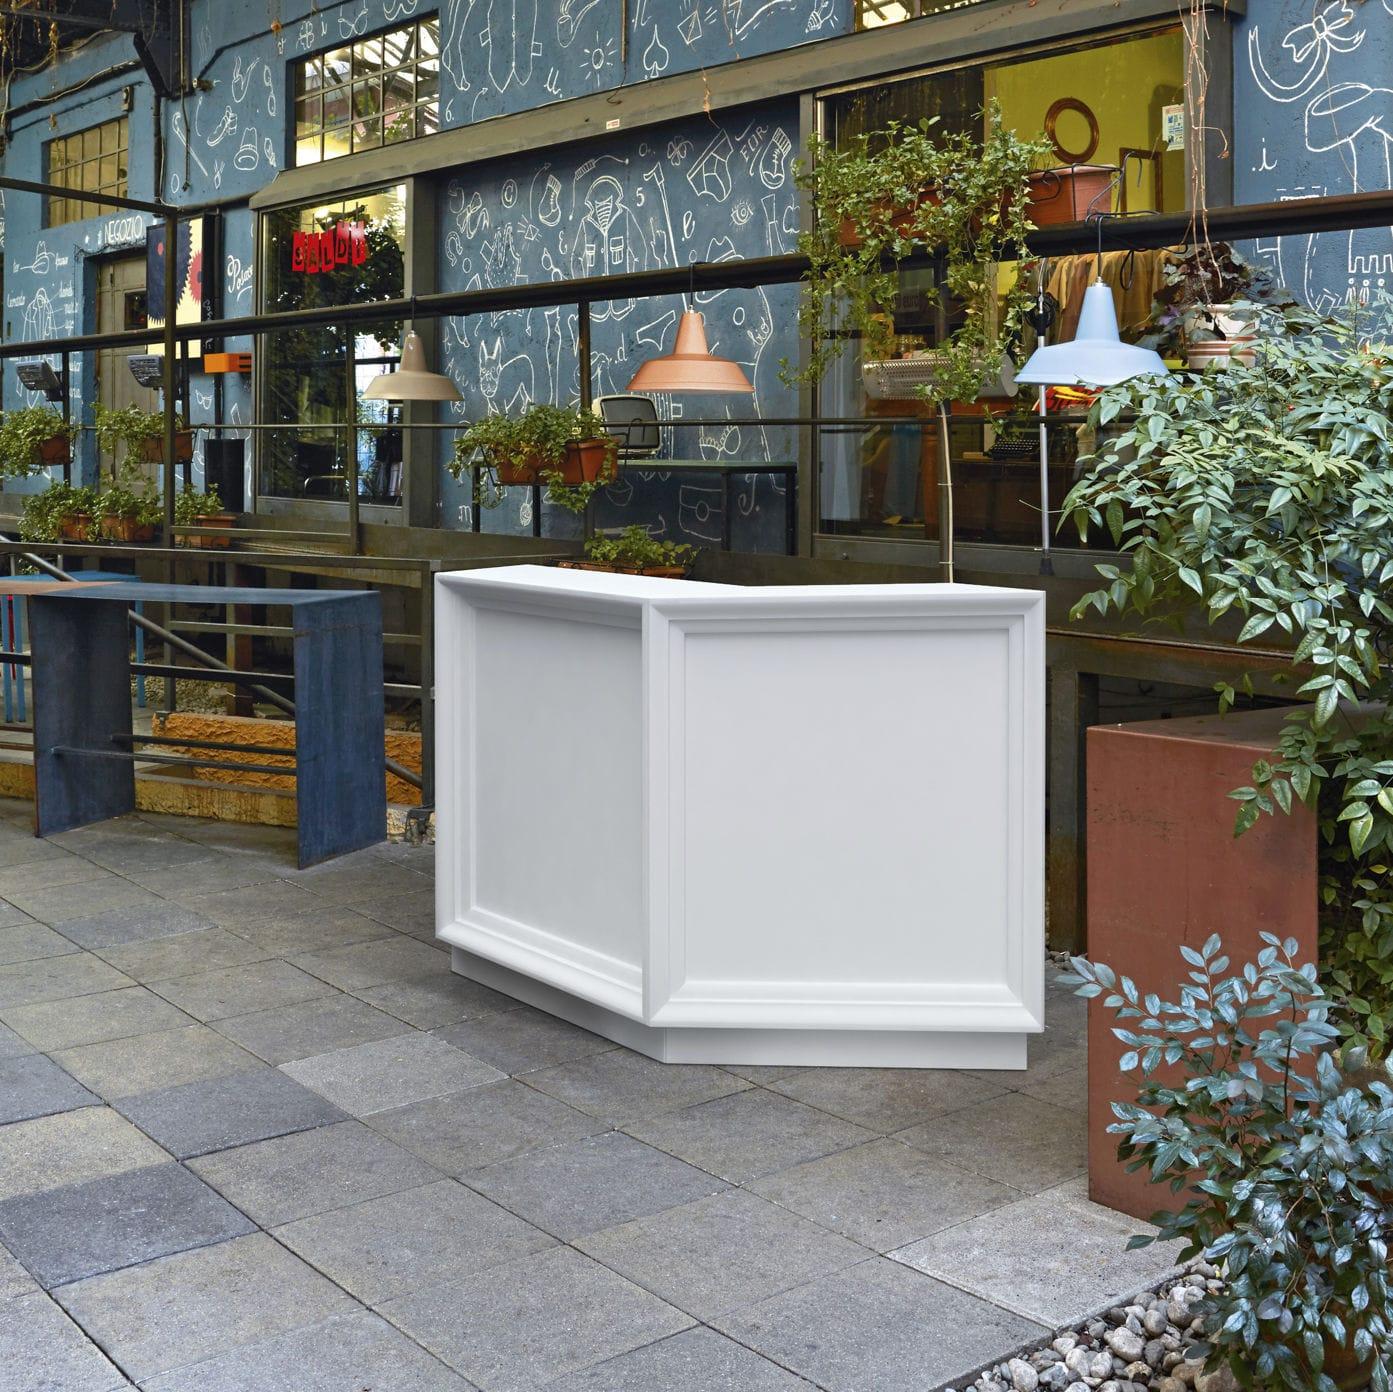 Bancone Bar Da Giardino bancone da bar - dublin - myyour - in plastica / a l / luminoso